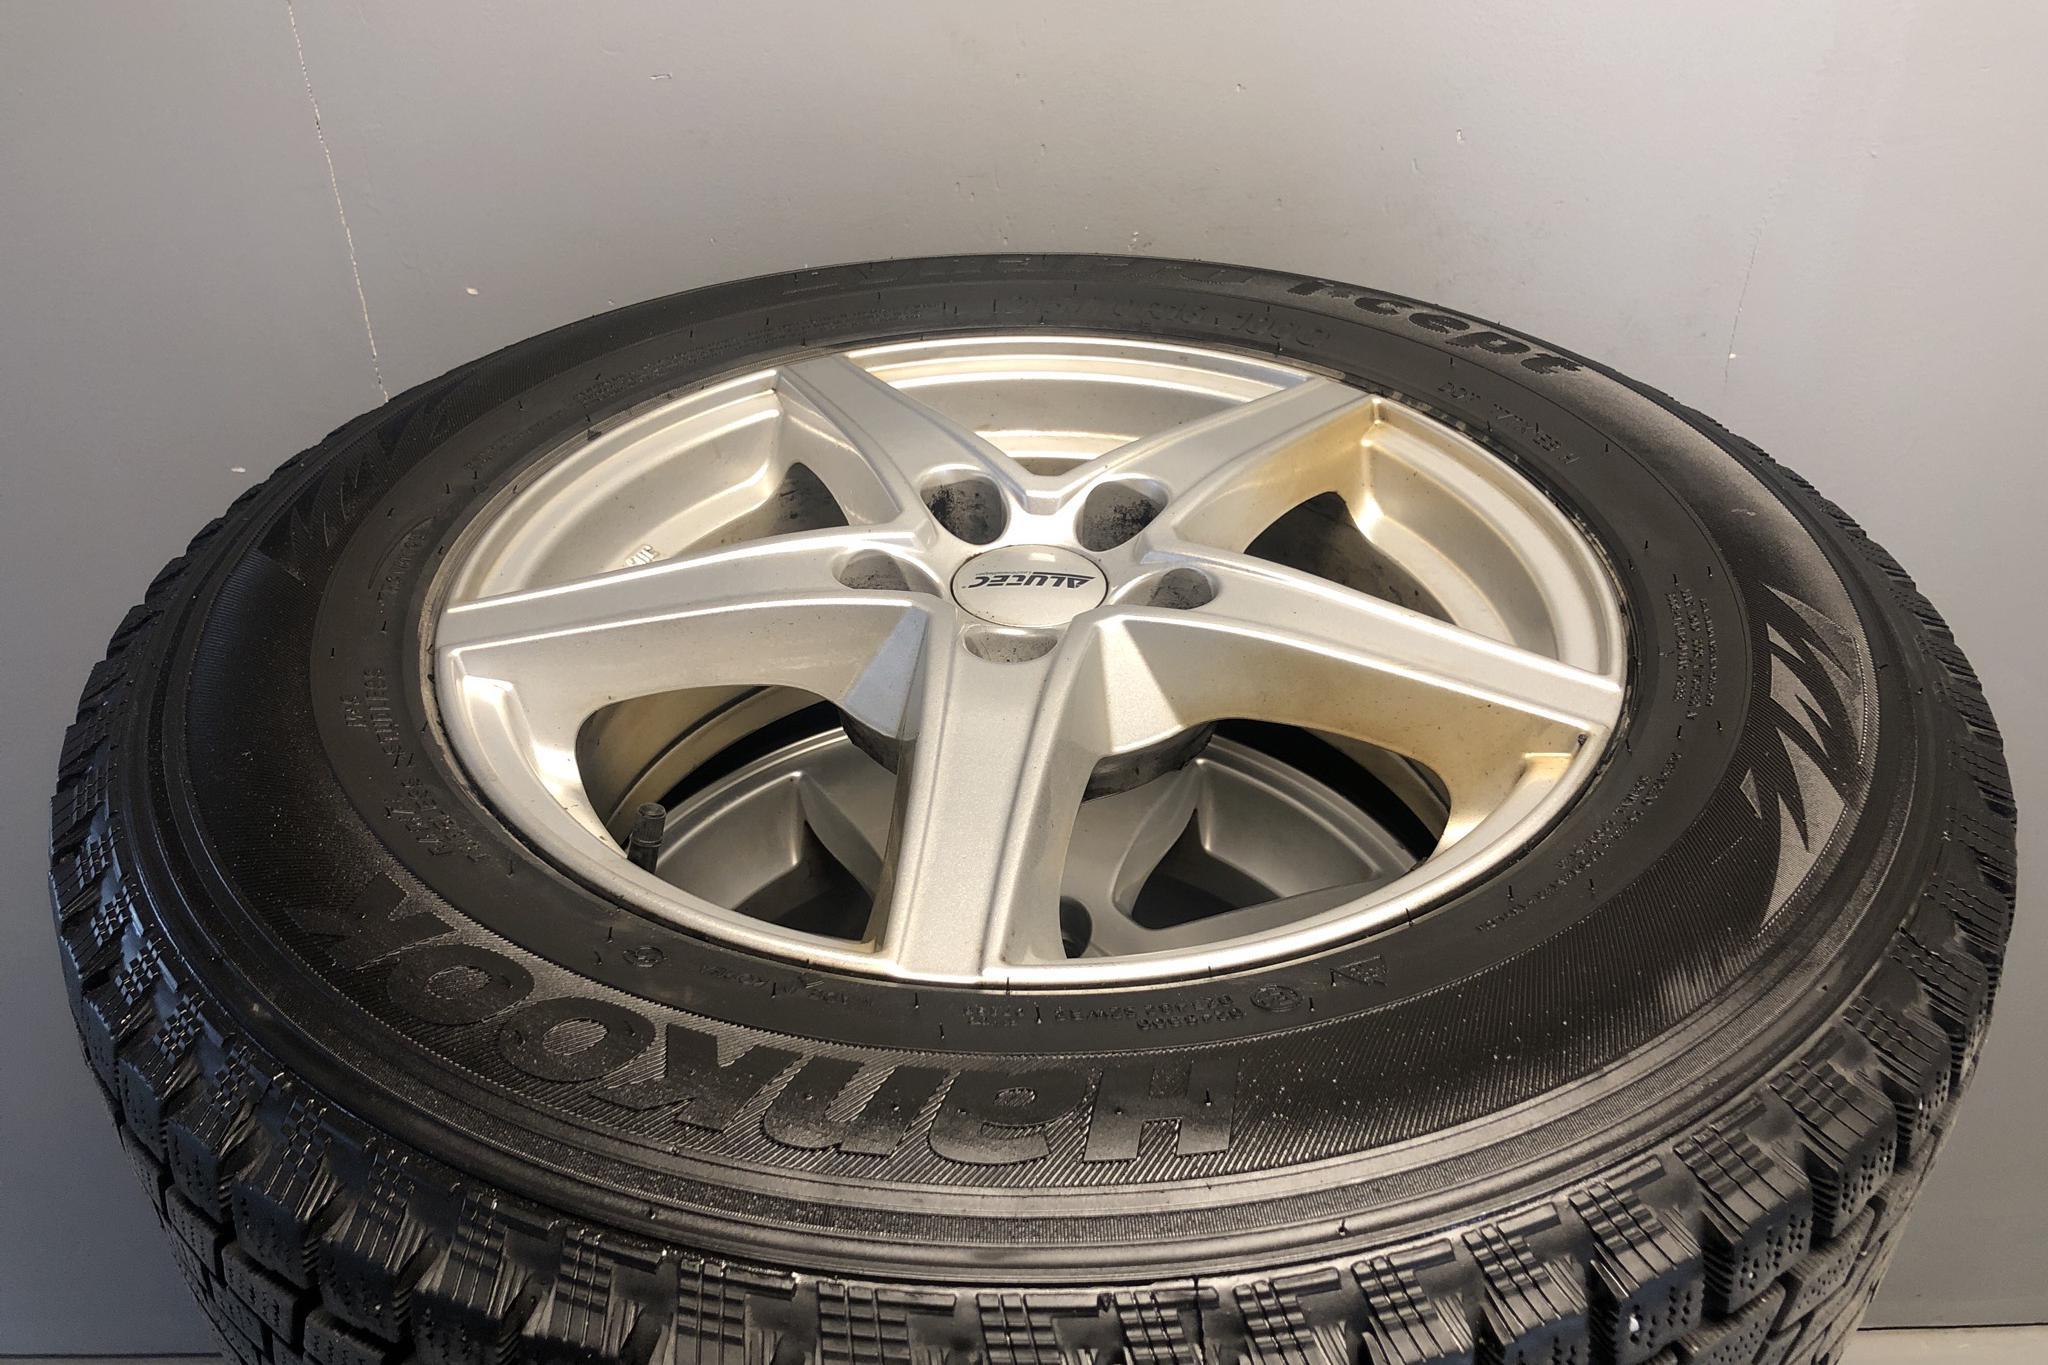 KIA Sportage 1.7 CRDi 2WD (115hk) - 20 921 mil - Manuell - Light Brown - 2013